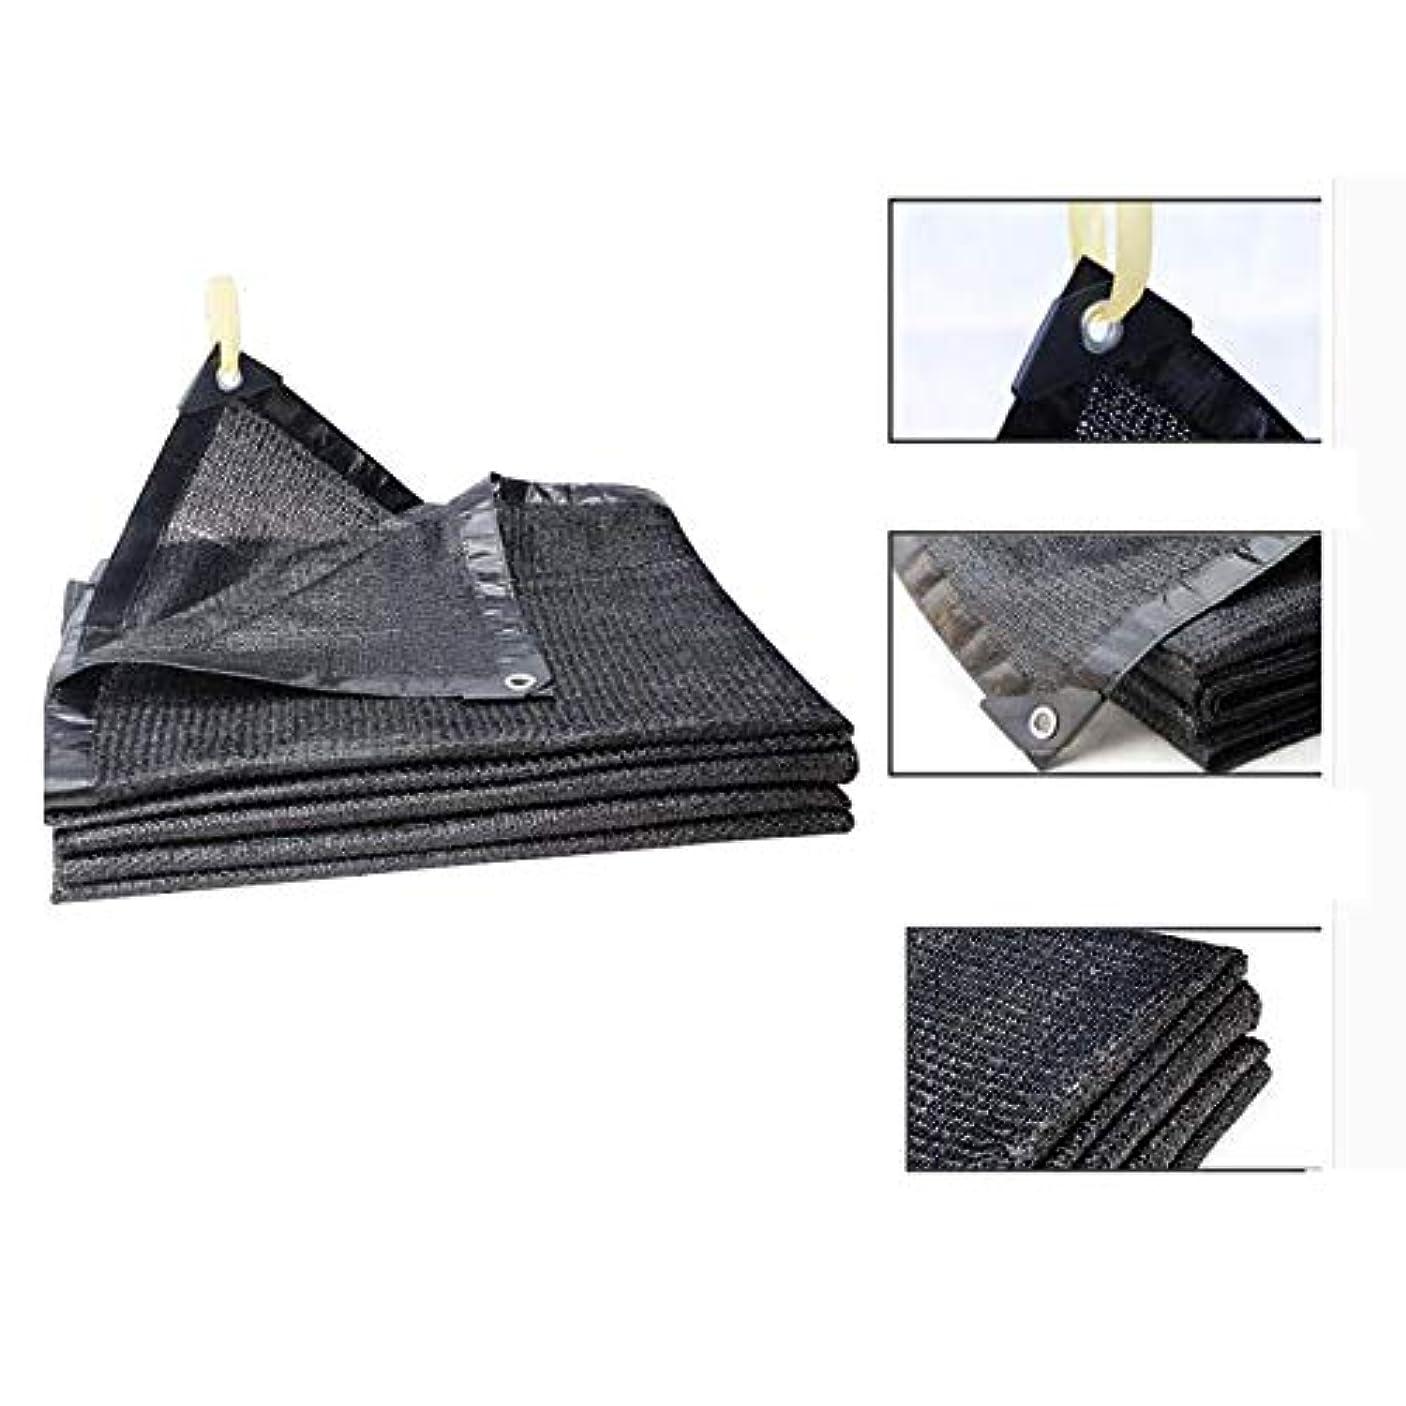 性格汚染された差別するDGLIYJ 園芸植物の屋根の塵保護網のための多機能の黒い陰の網6ピン暗号化の端の絶縁材の網 (Color : Black, Size : 3x5m)